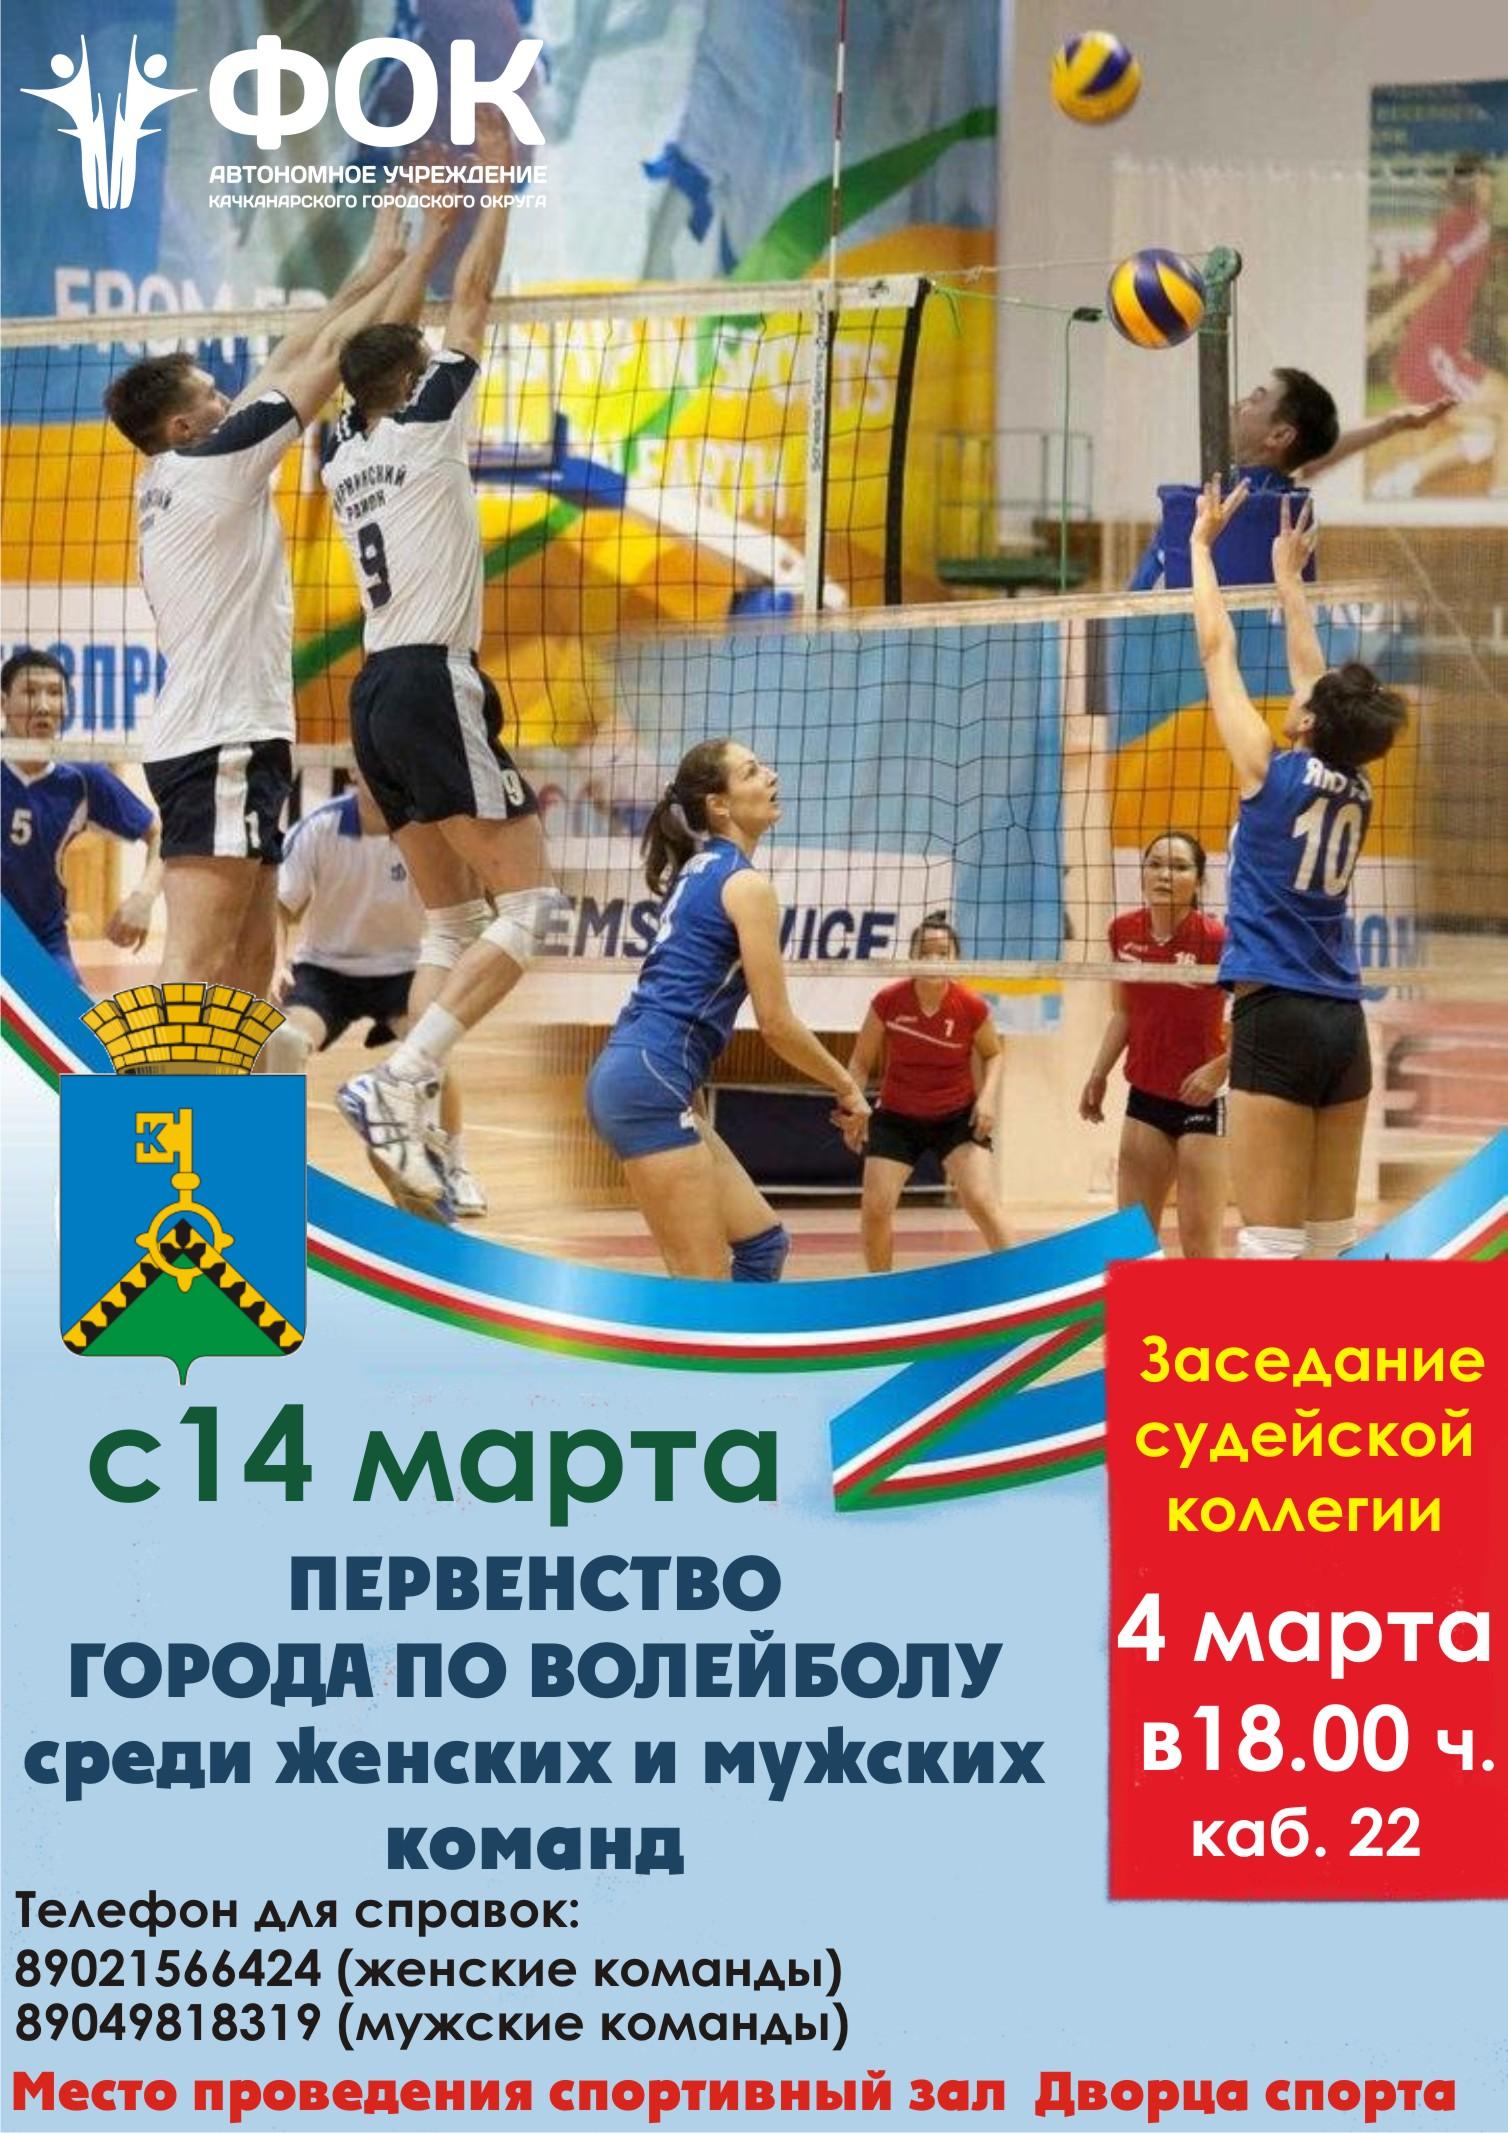 С 14 марта 2020 г. Первенство города по волейболу